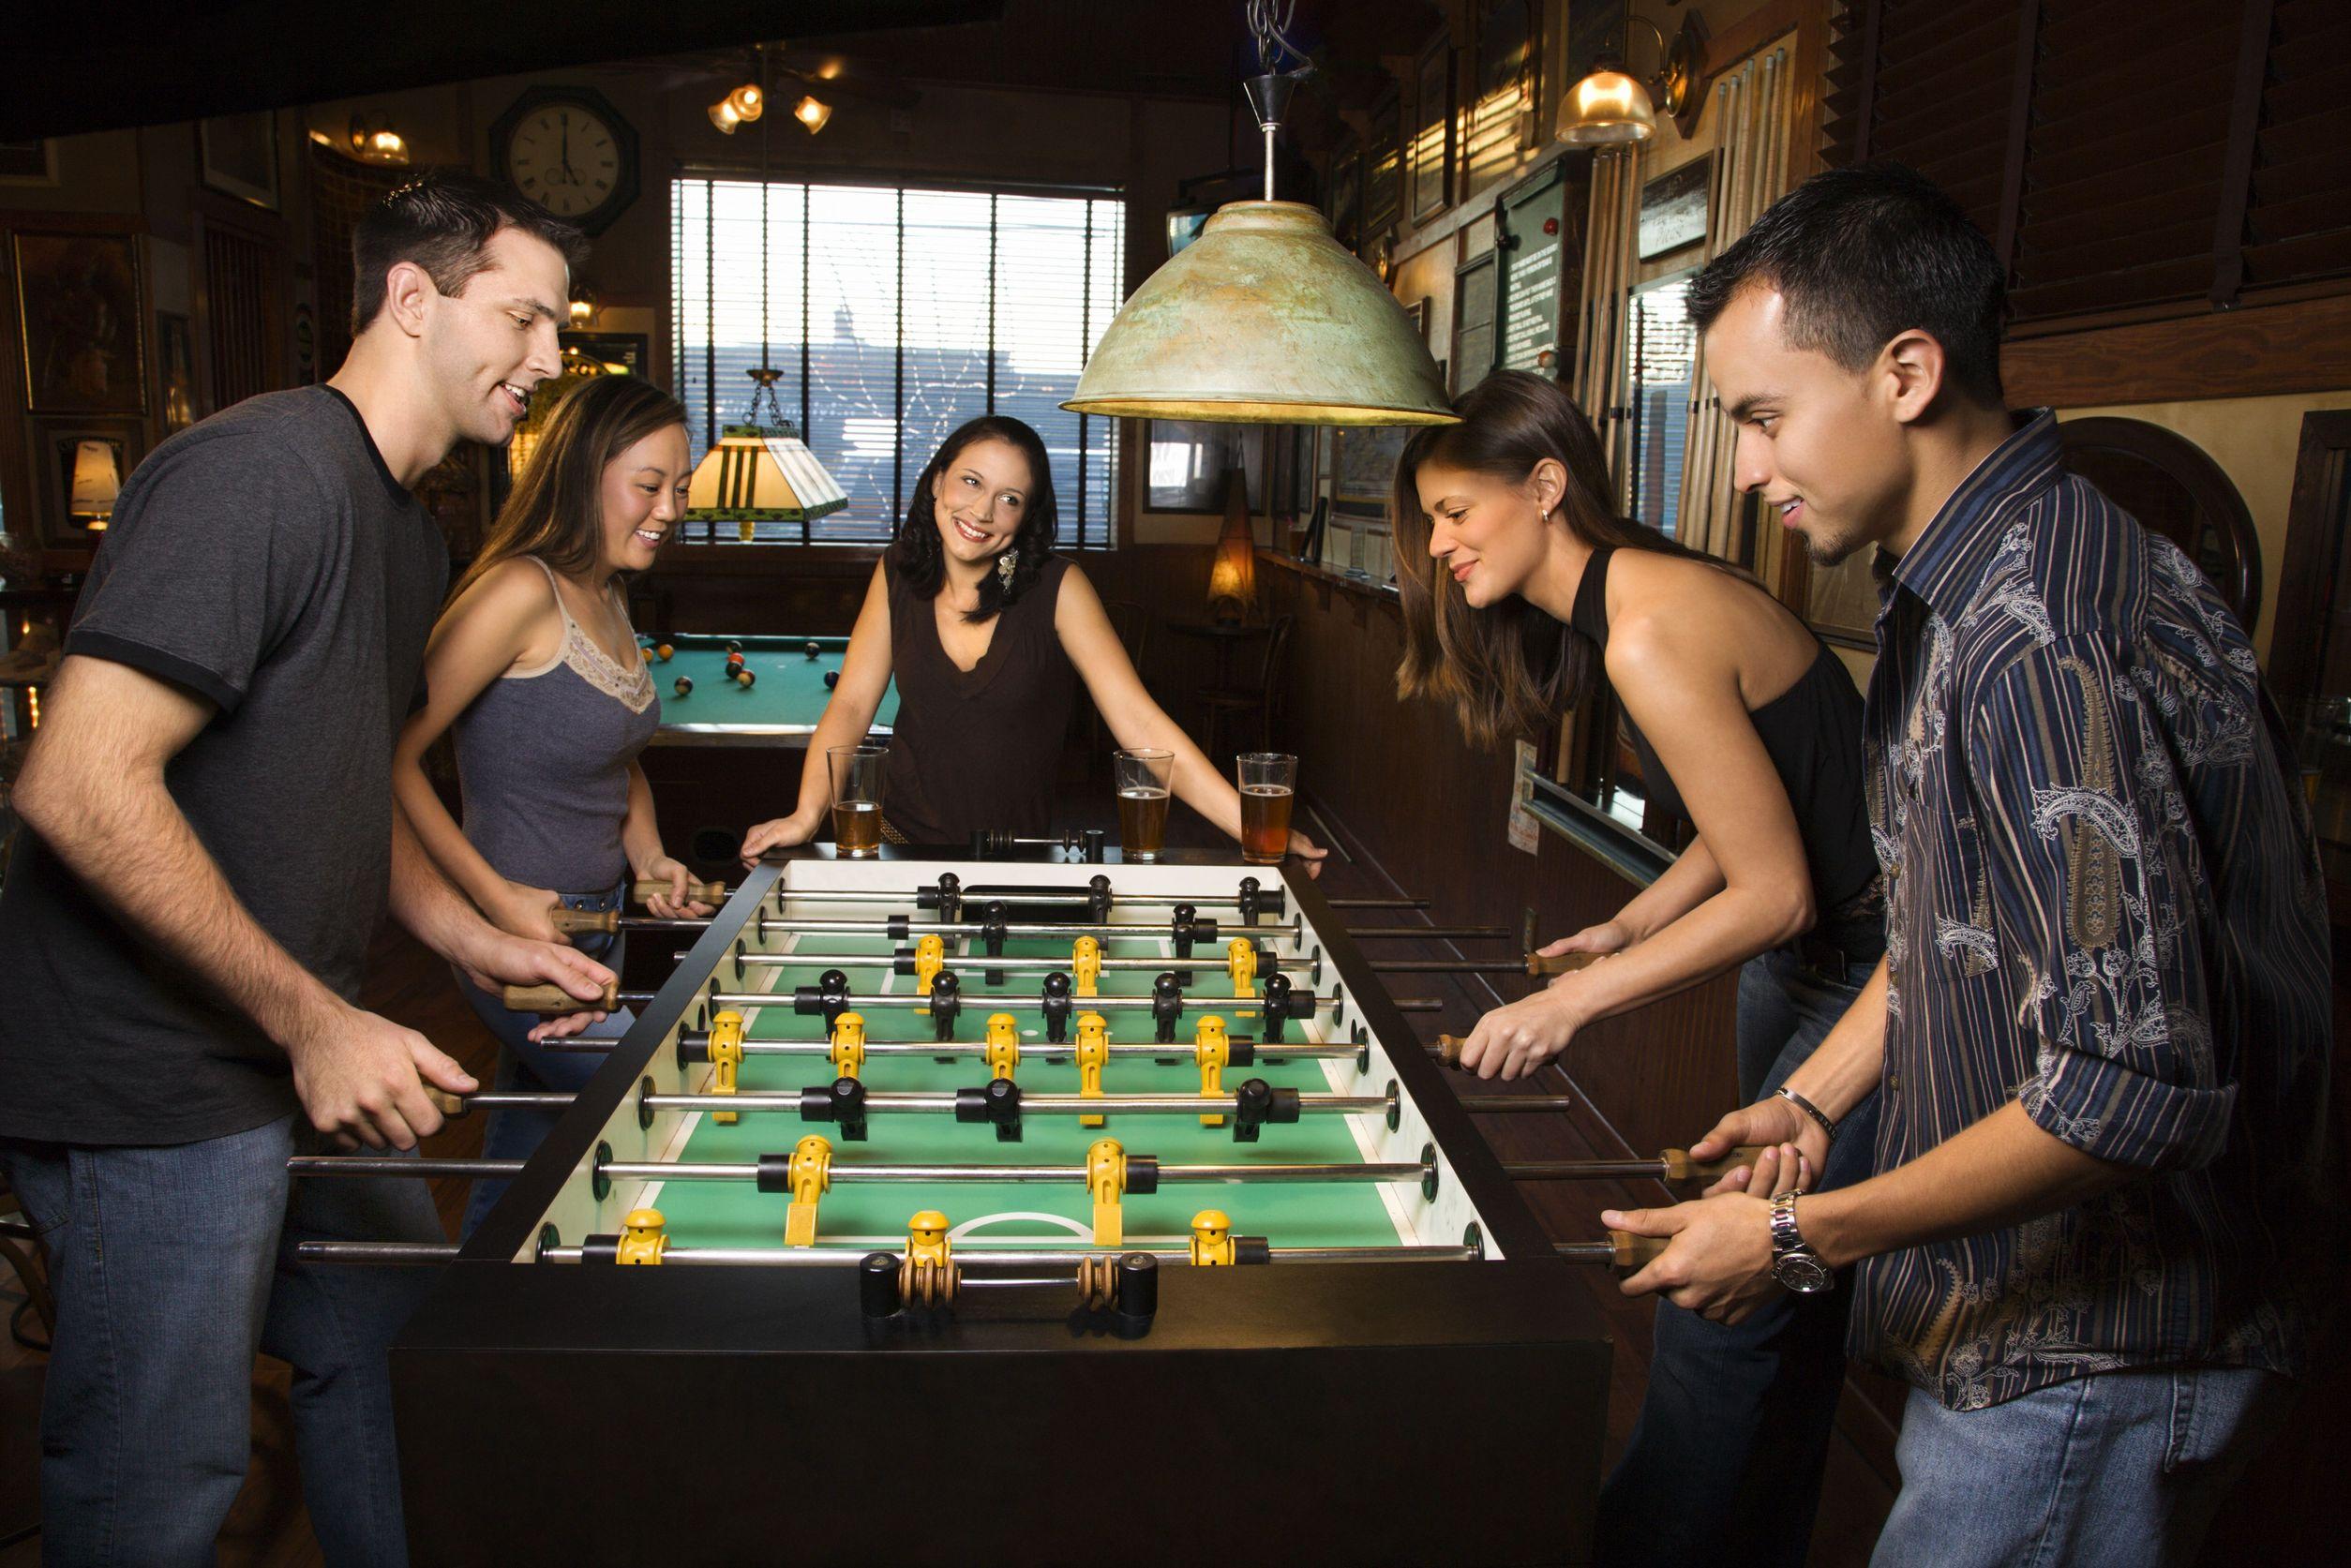 A csocsóasztal fajtái és játékstratégiák